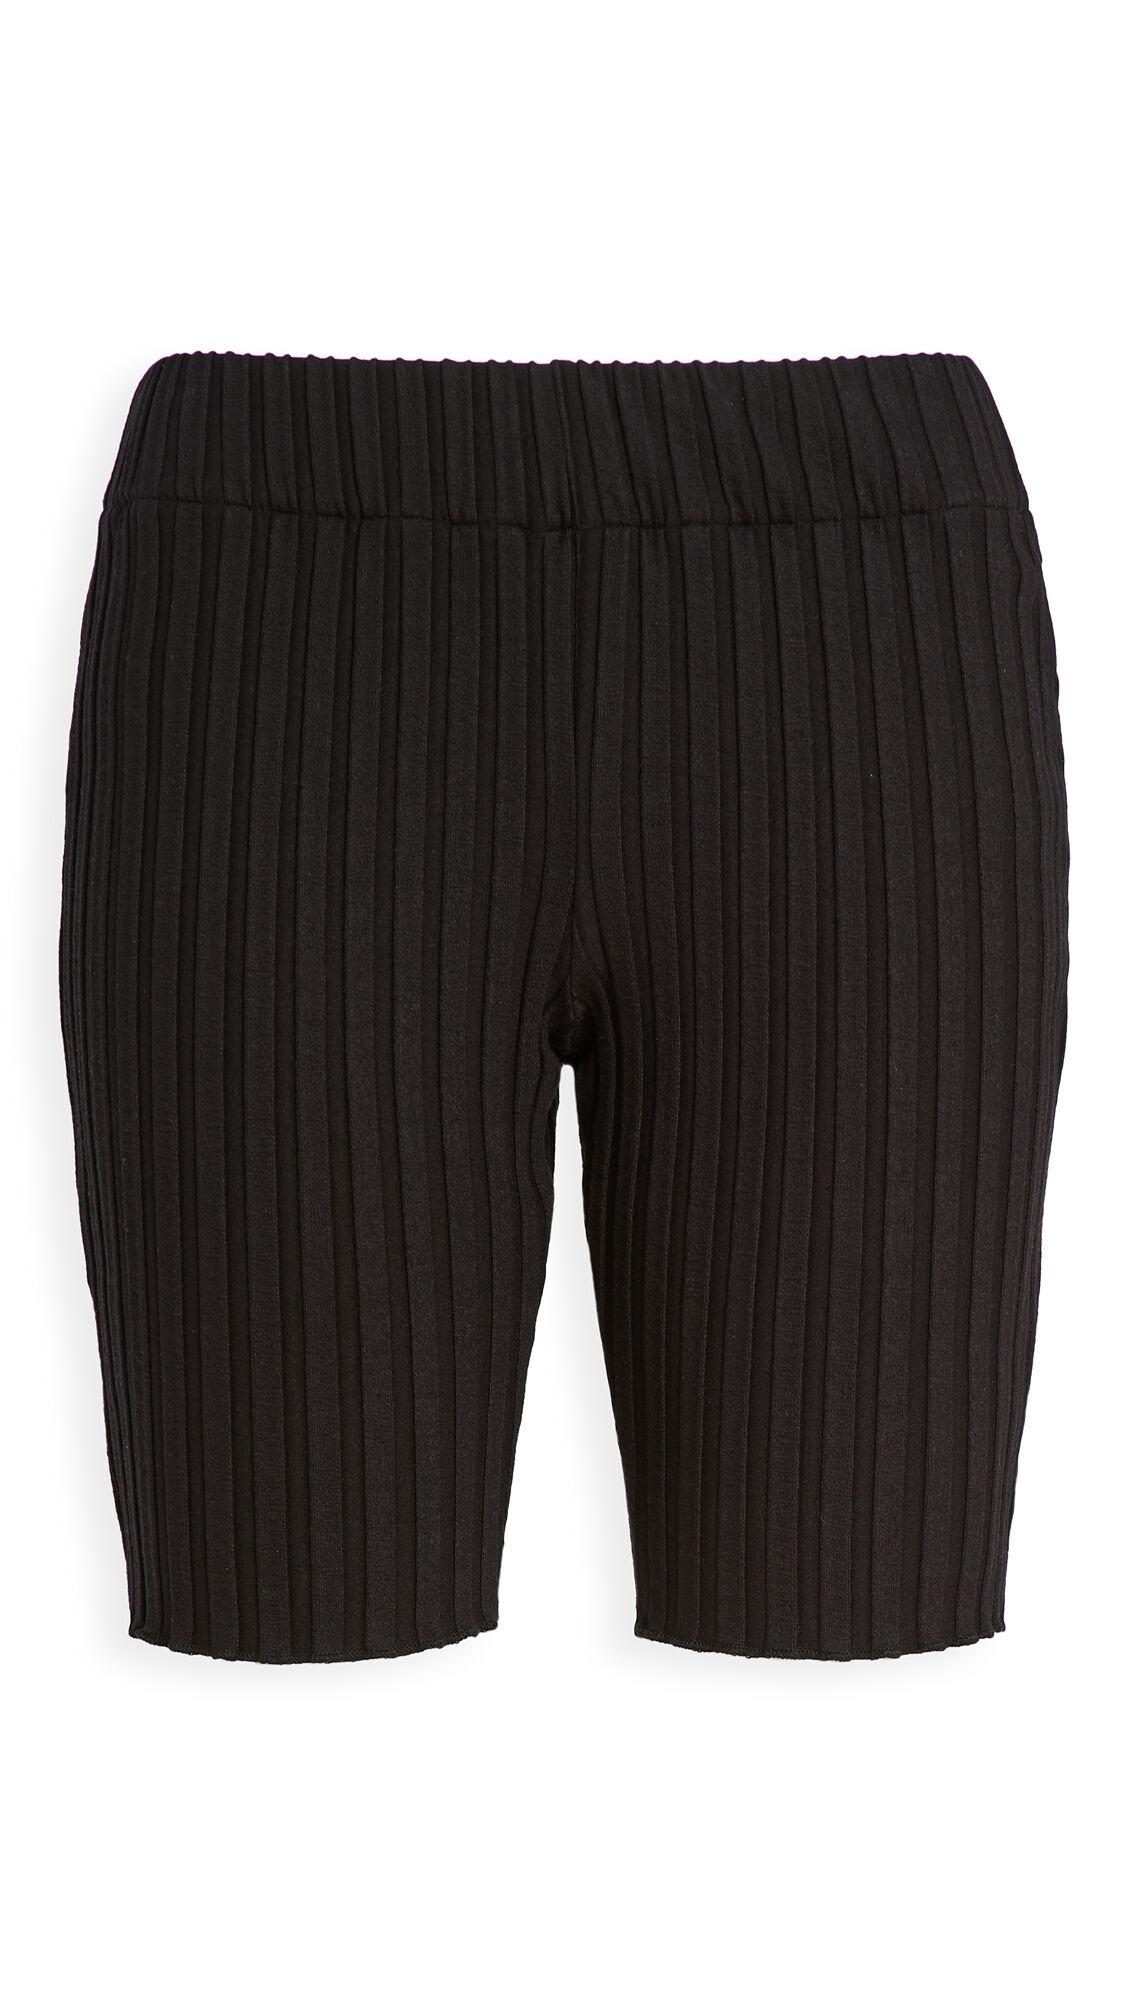 Simon Miller Burr Bike Shorts  - Black - Size: 2X-Large